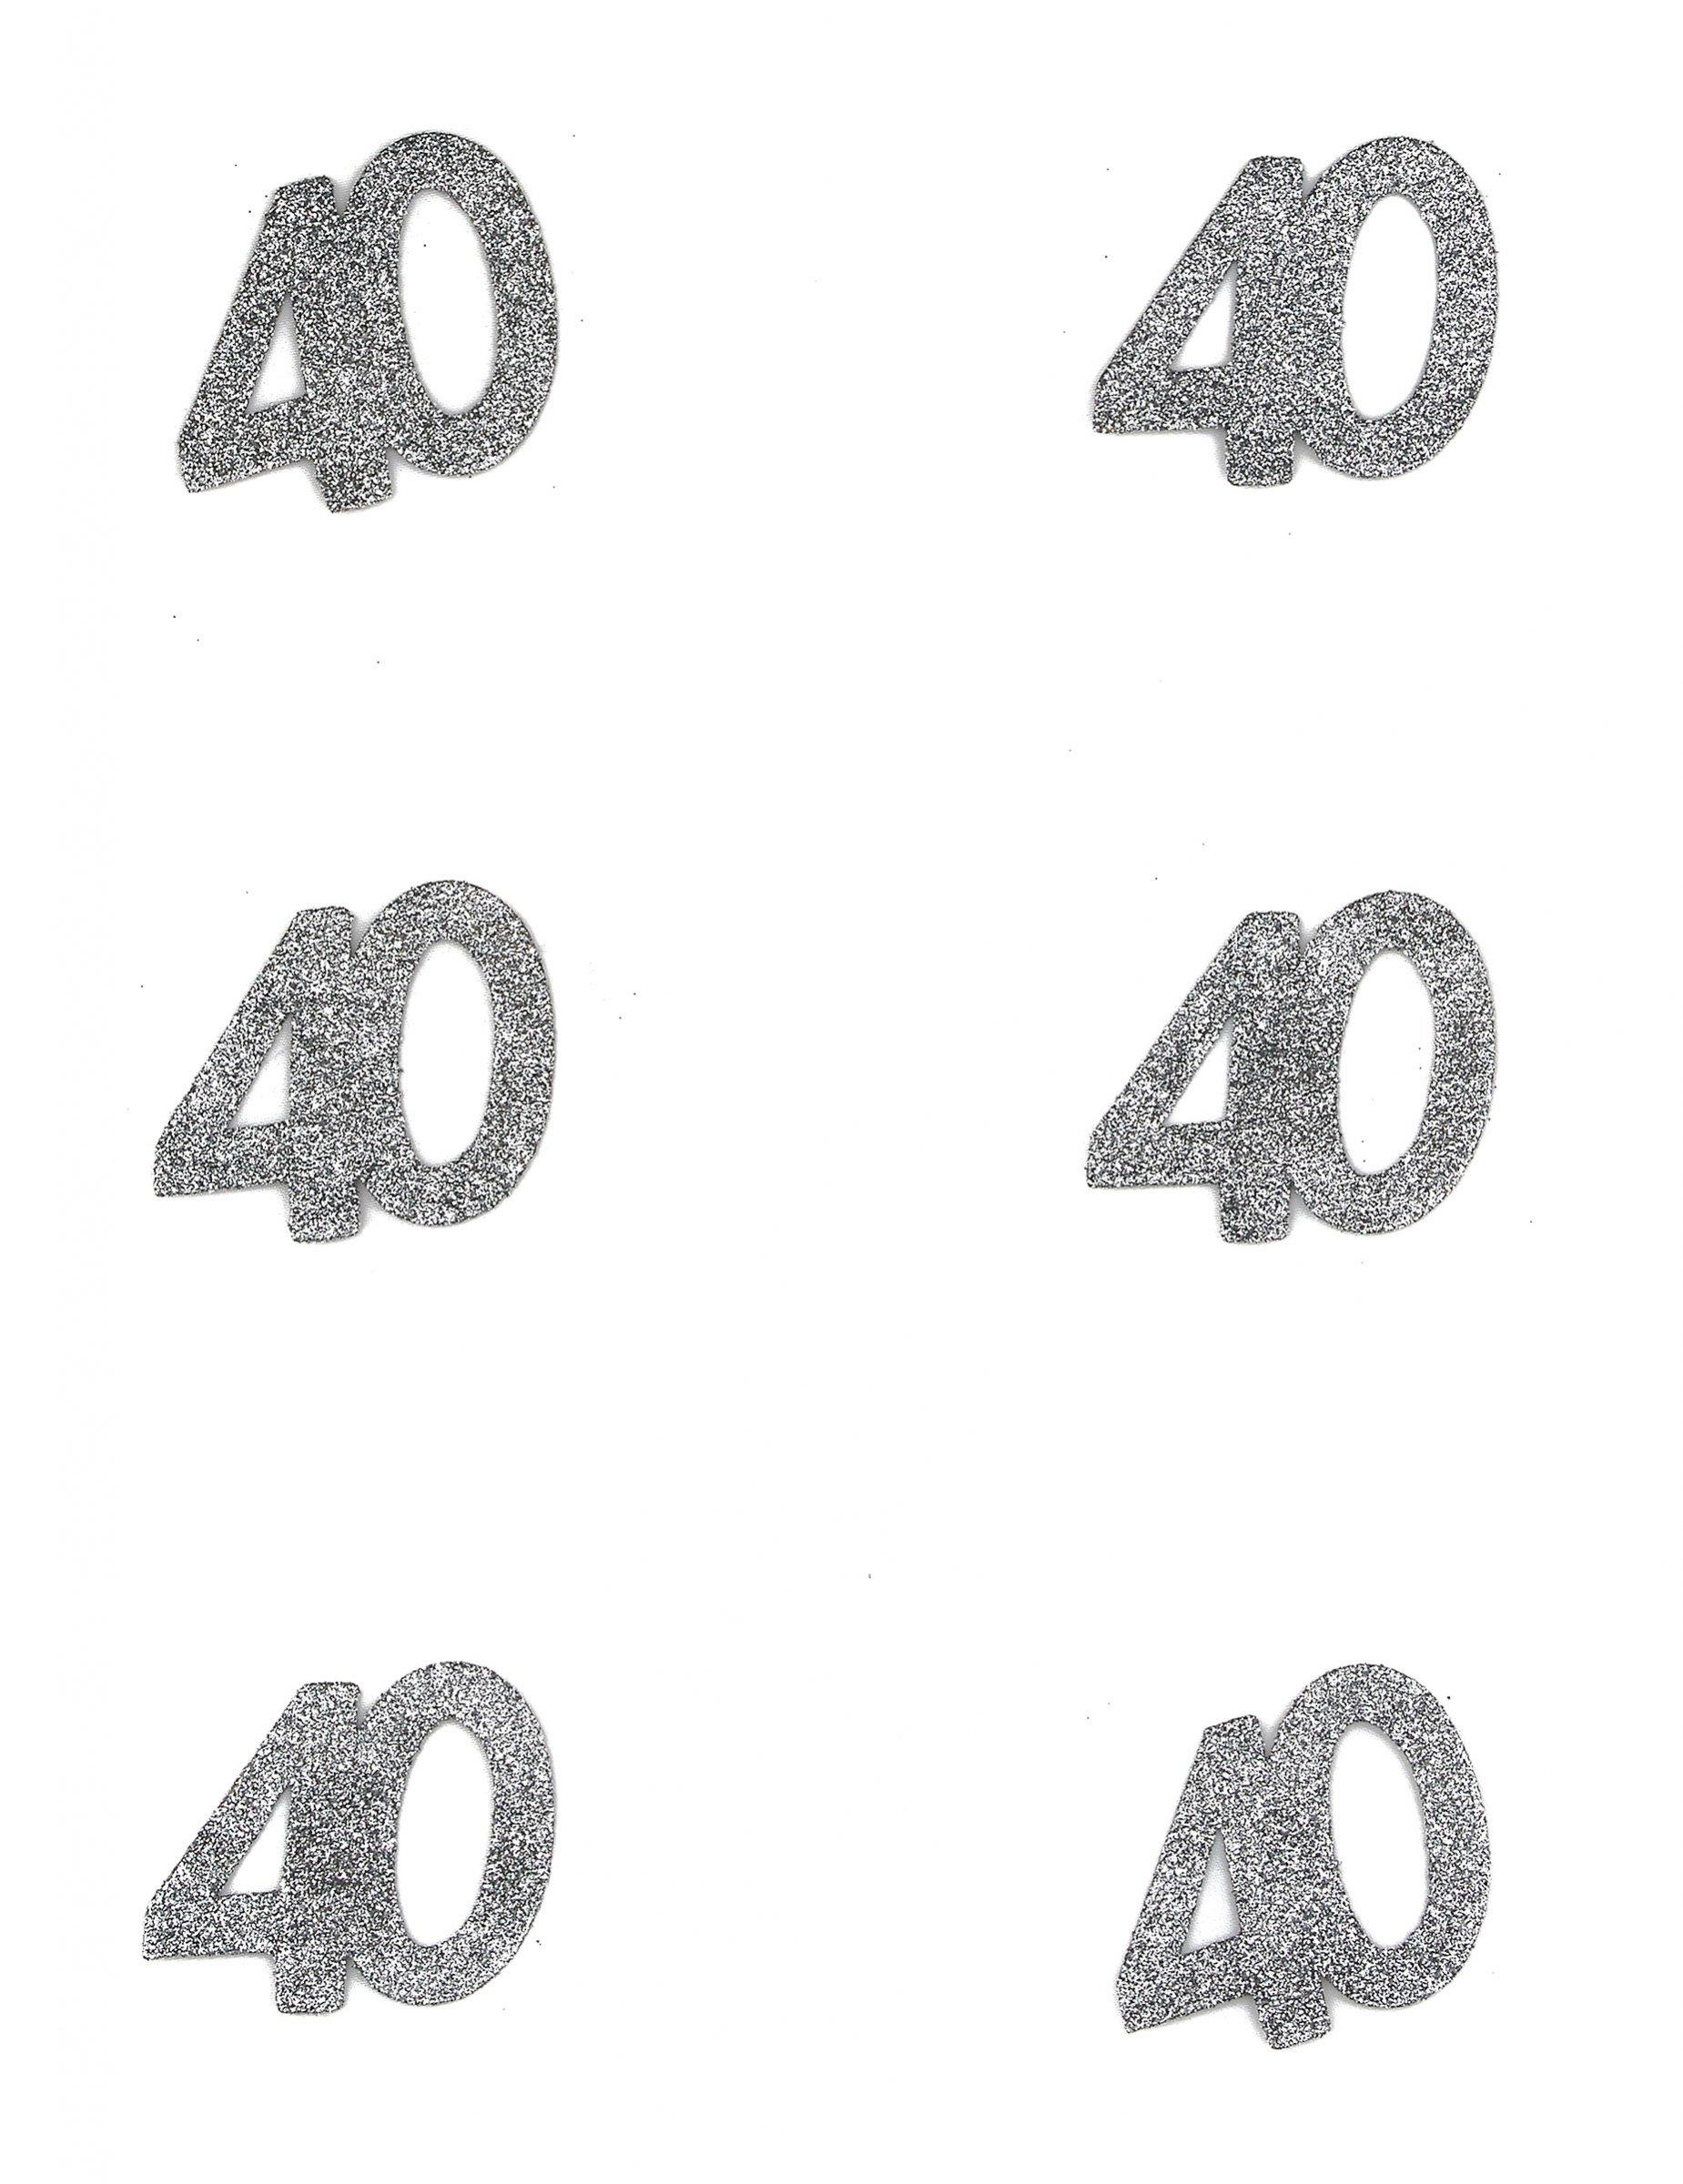 6 Confettis Anniversaire 40 Ans Decoration Anniversaire Et Fetes A